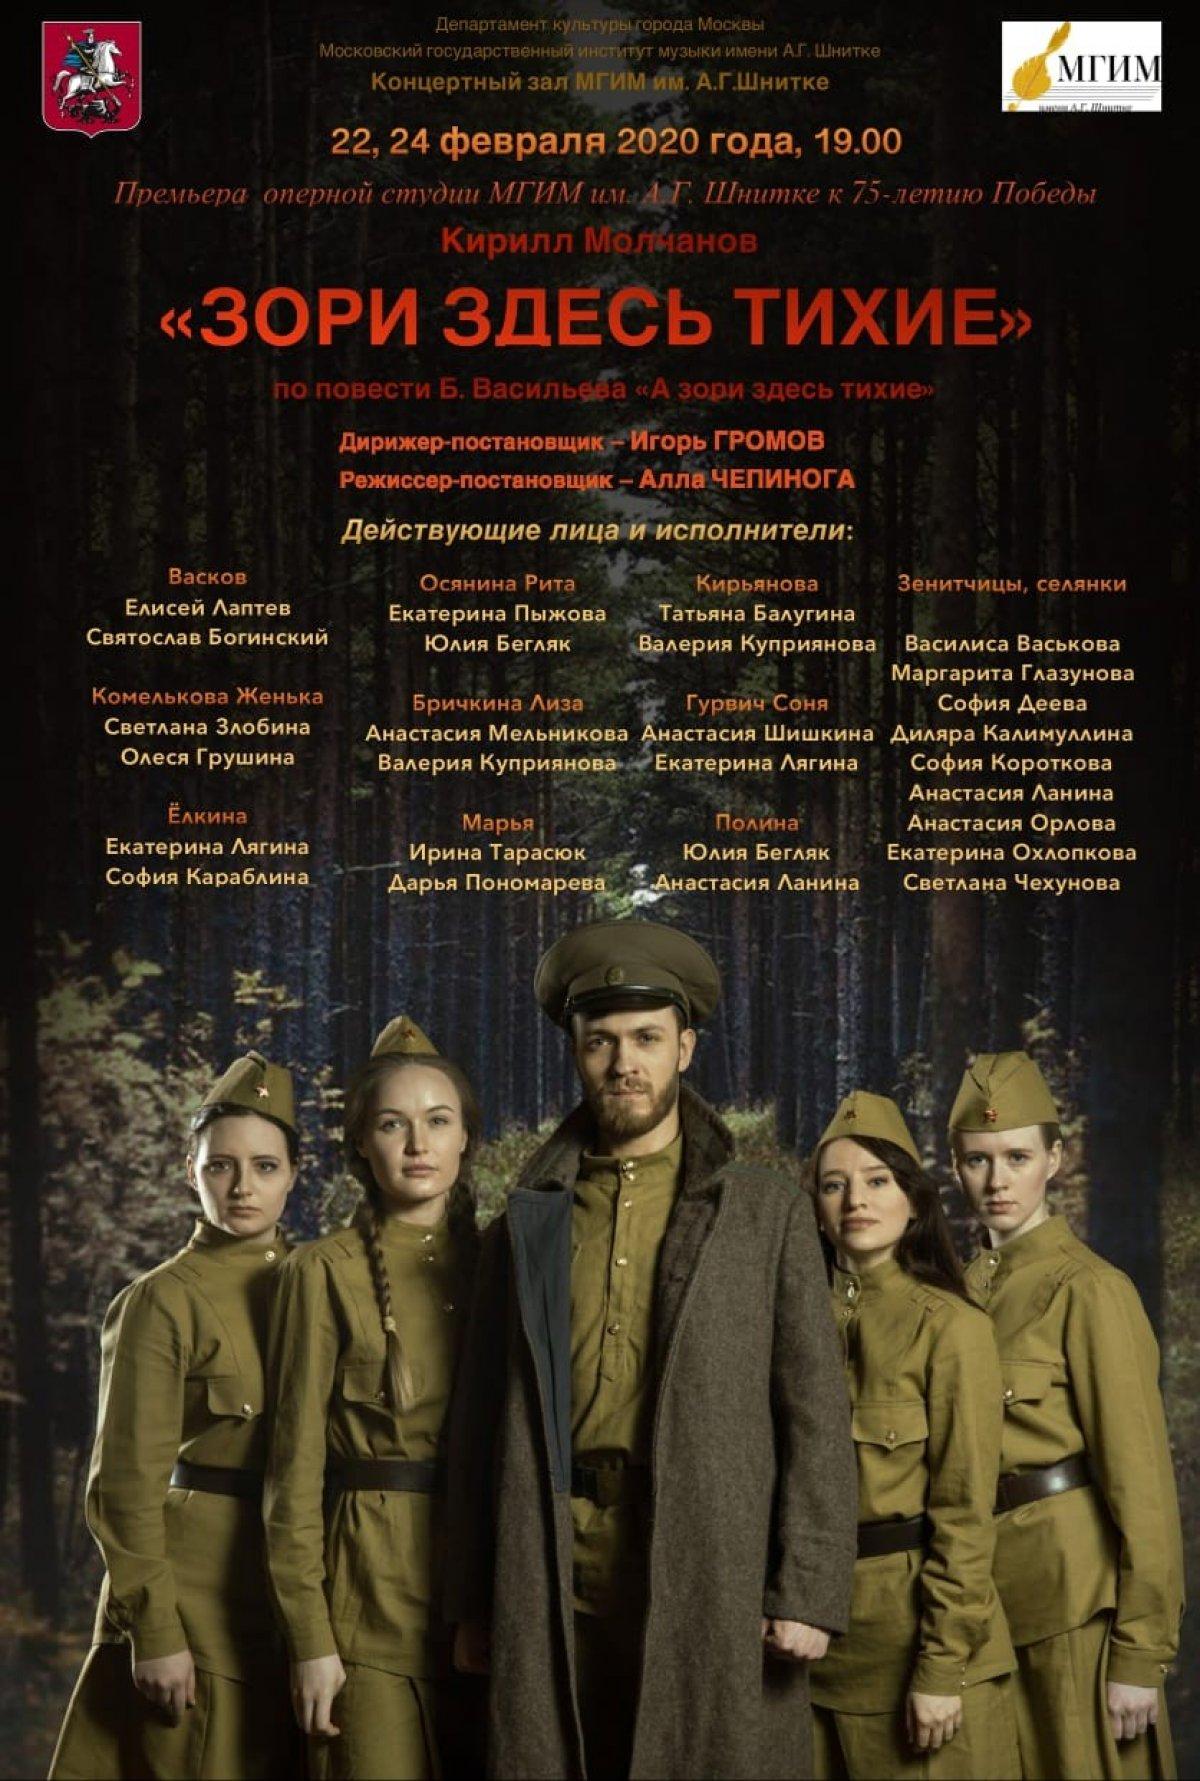 Премьера Оперной студии МГИМ имени А.Г. Шнитке